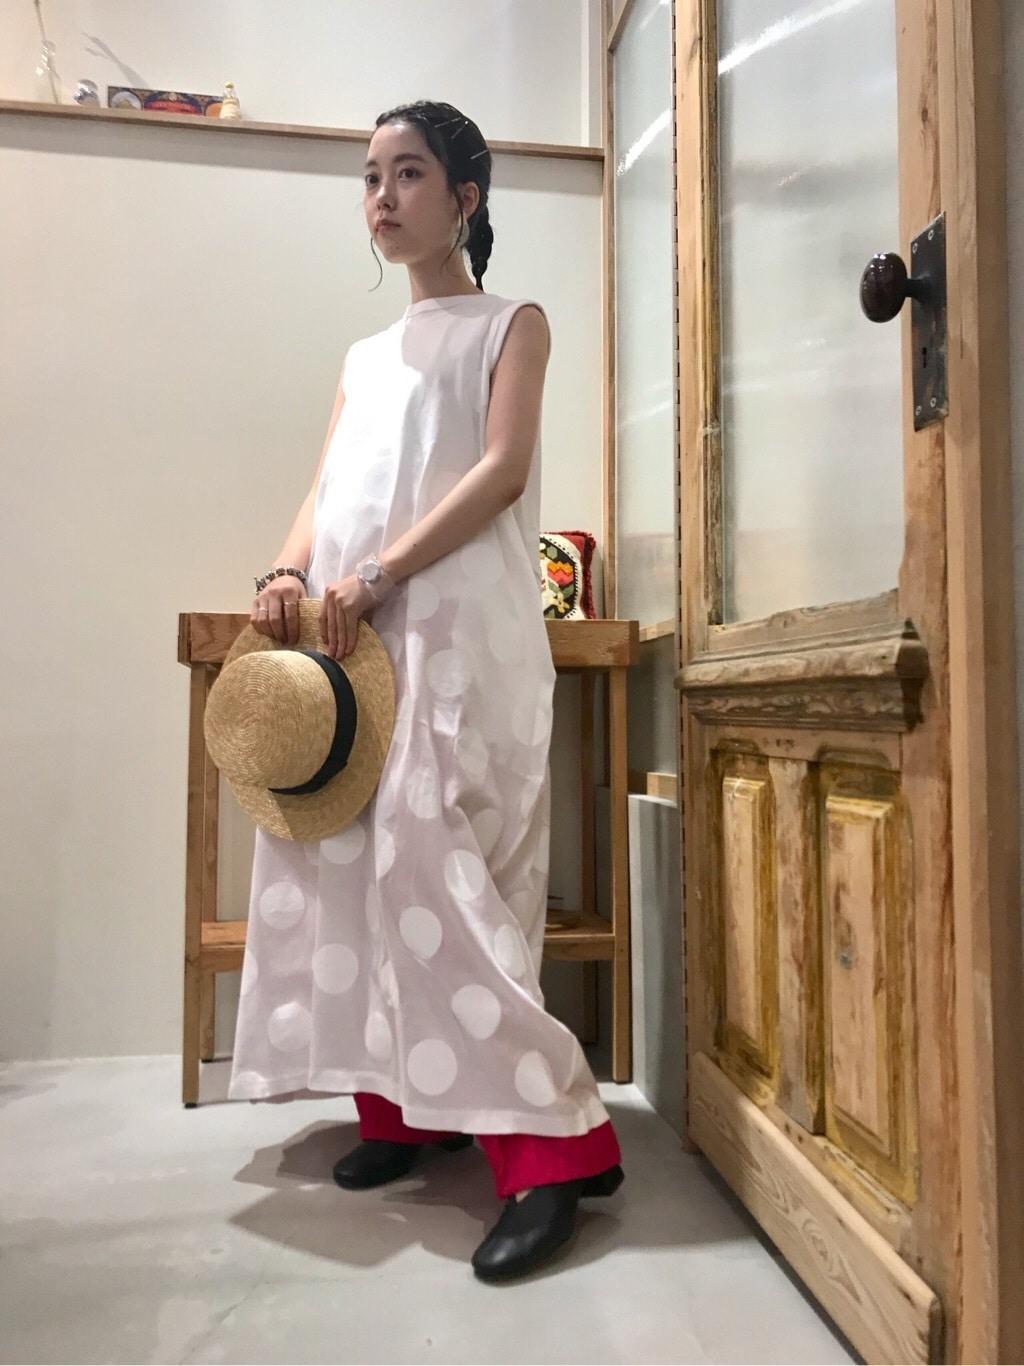 渋谷スクランブルスクエア 2020.07.09